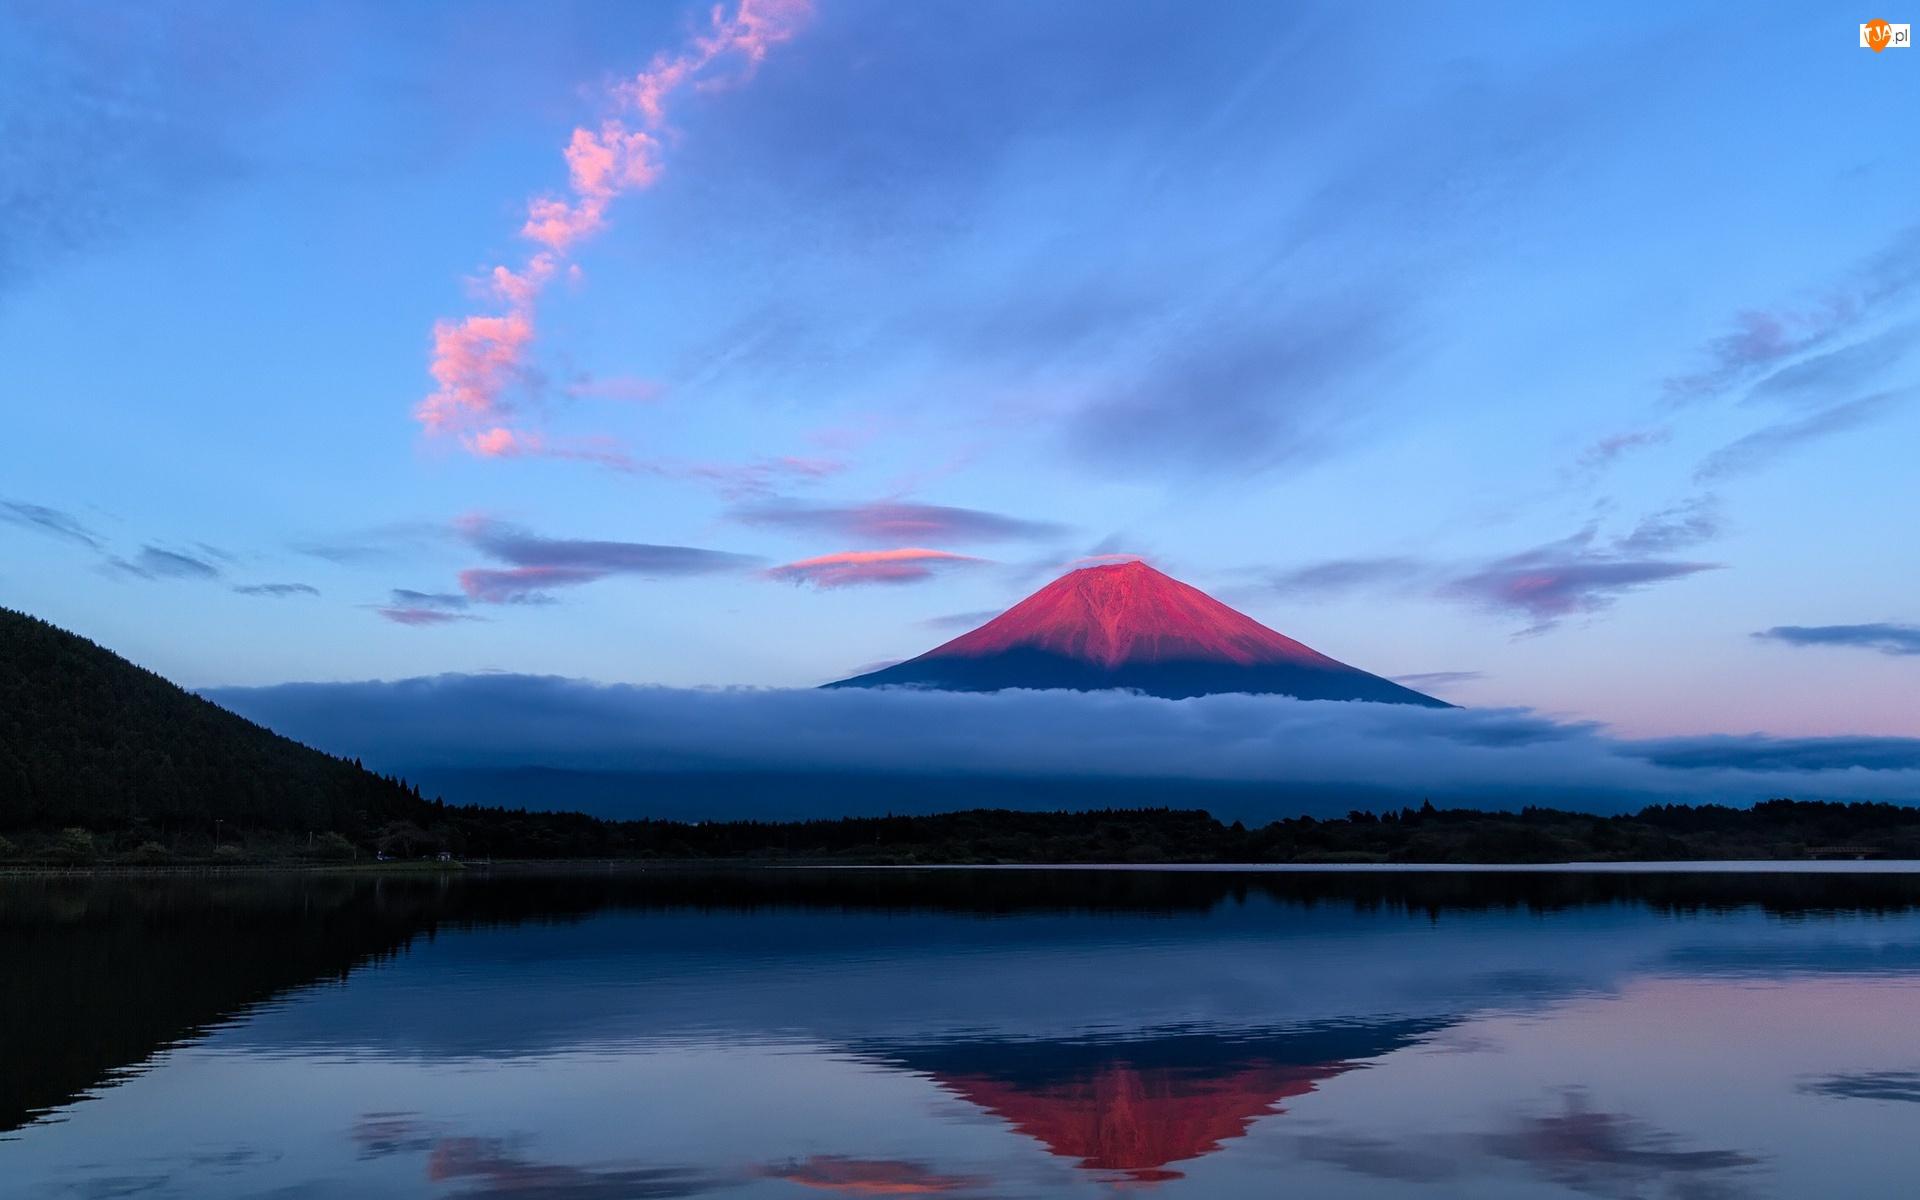 Japonia, Fudżi, Jezioro, Mgła